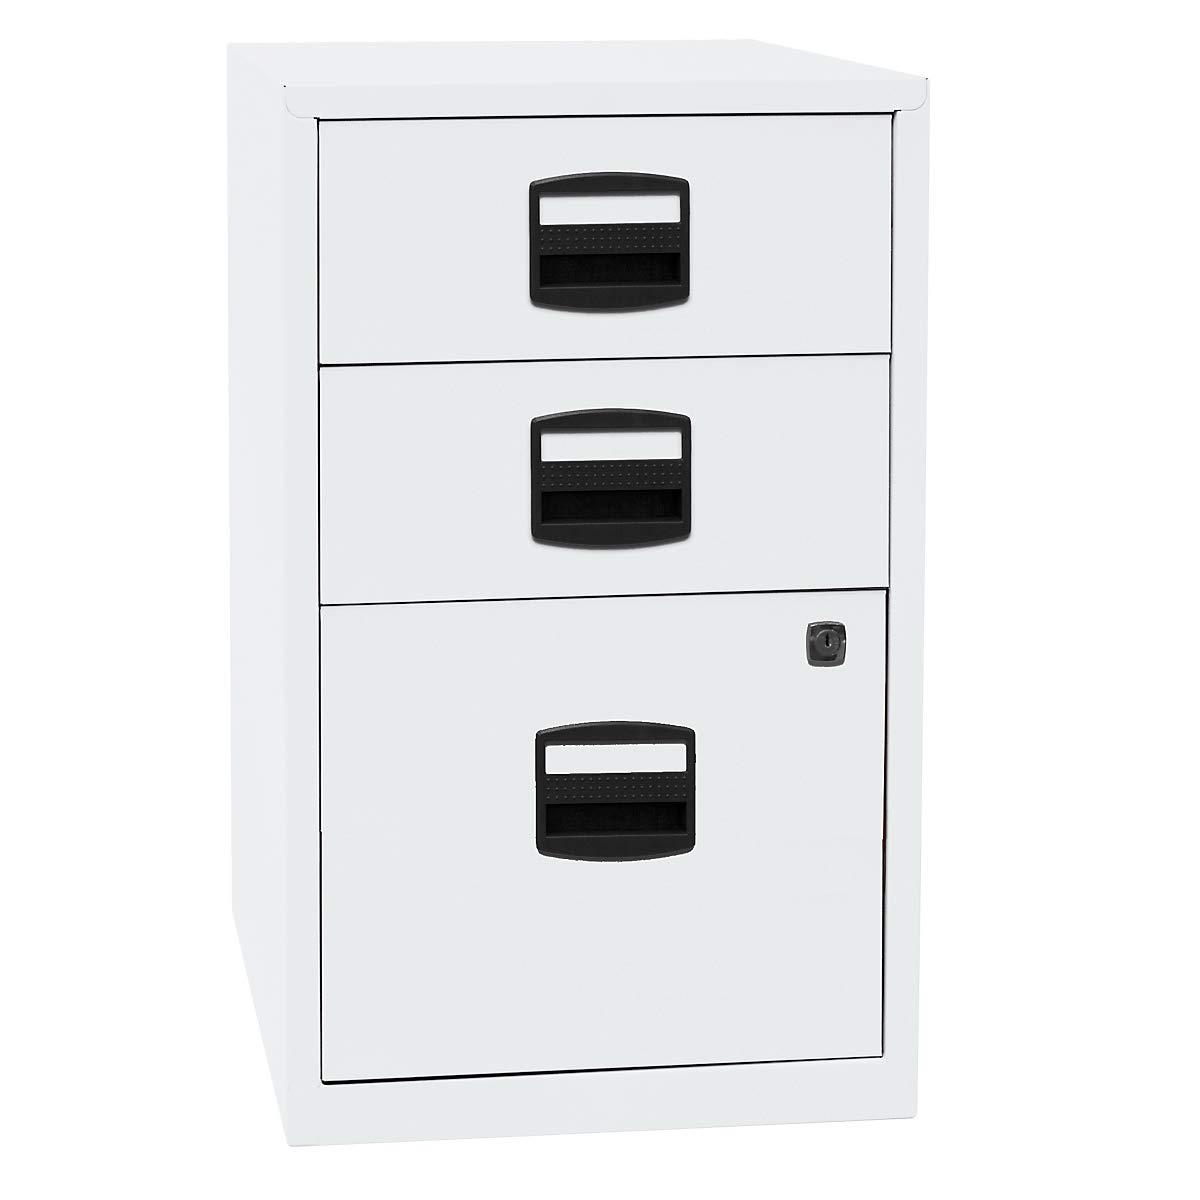 Bisley Home Beistellschrank Pfa, 2 Universalschubladen, 1 HR-Schublade, Metall, 696 Verkehrsweiß, 40 x 41.3 x 67.2 cm